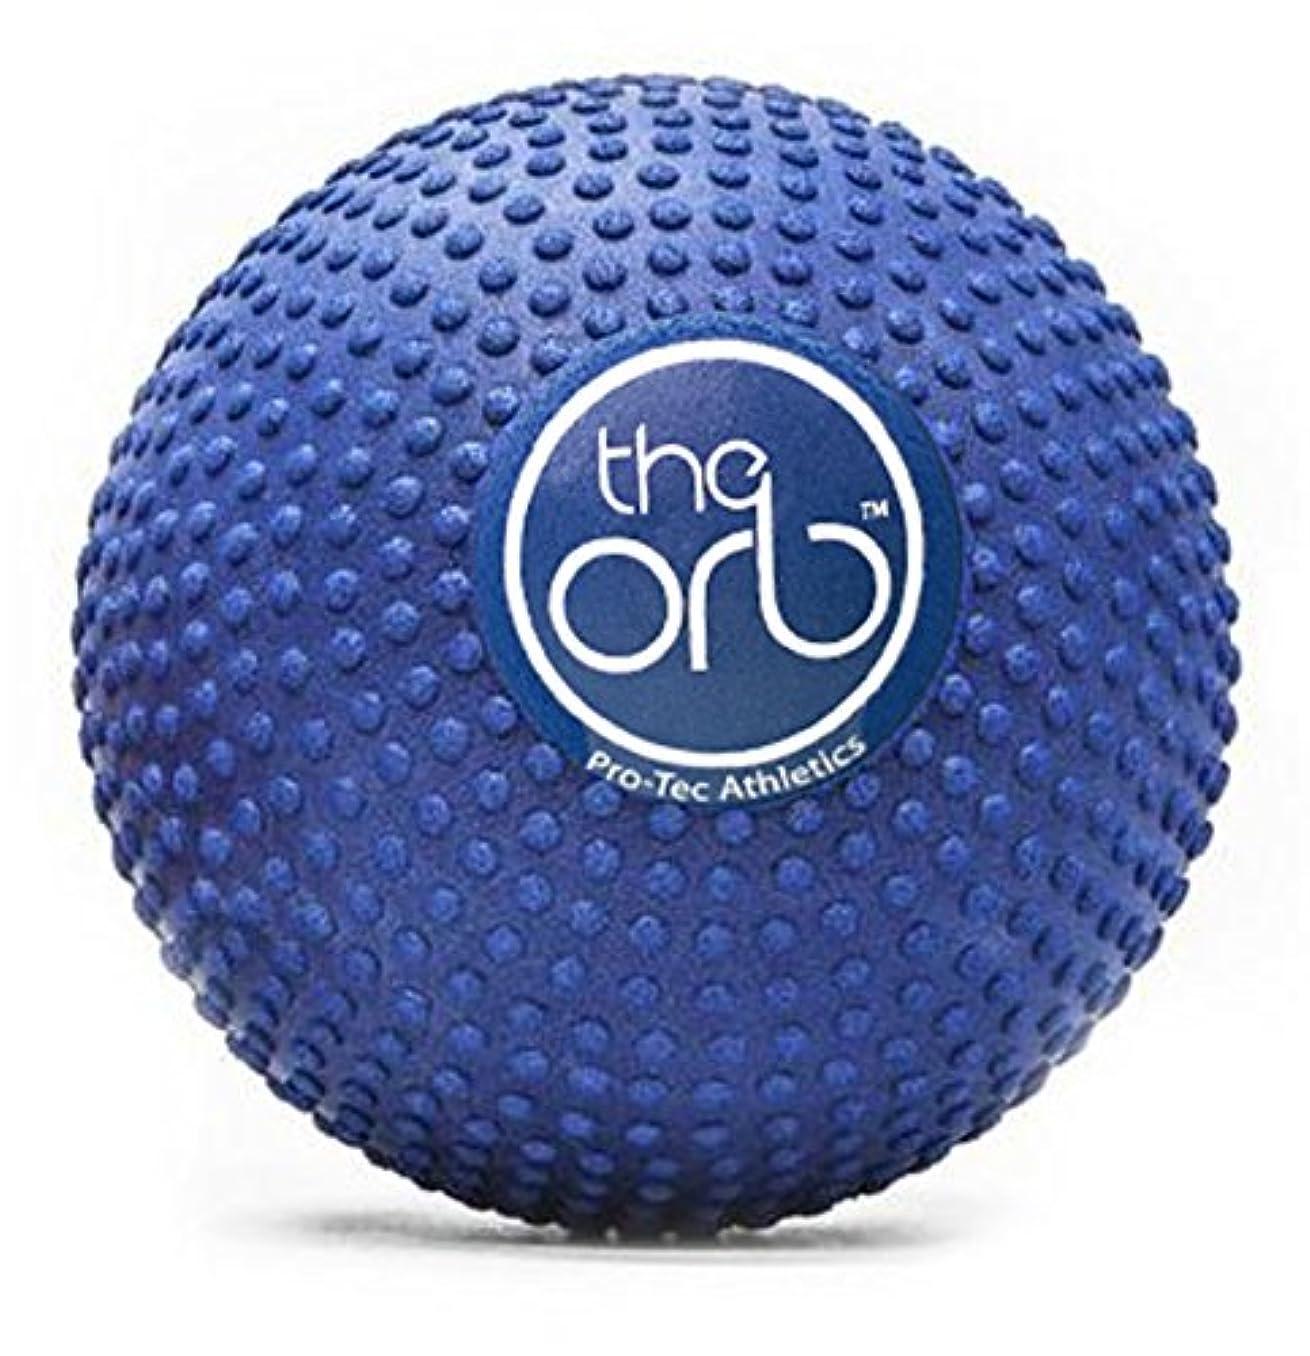 エスニック富ゲームPro-Tec Athletics(プロテックアスレチックス) The Orb 5